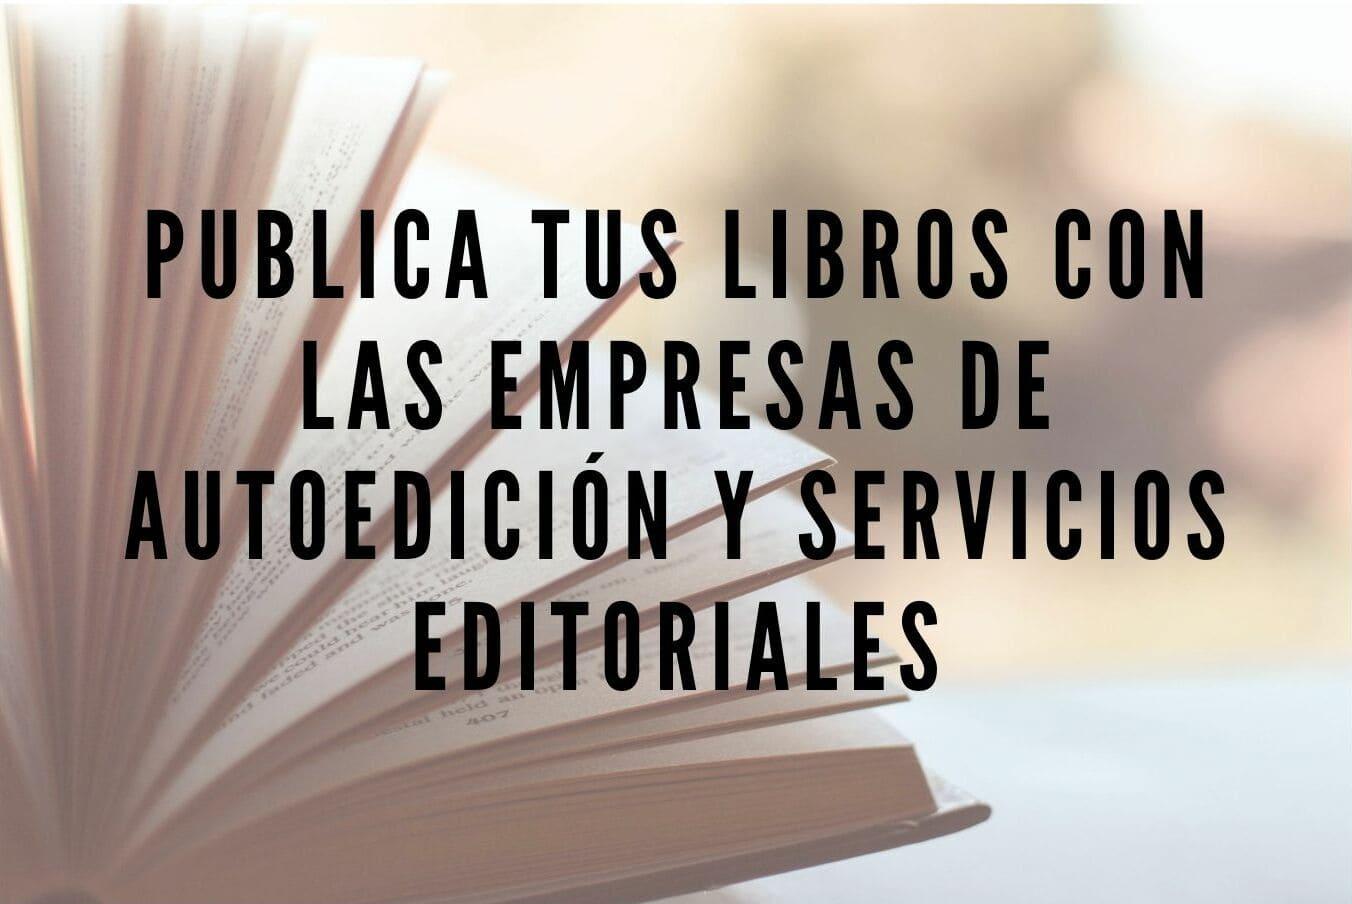 Publica tus Libros con las Empresas de Autoedición y Servicios Editoriales